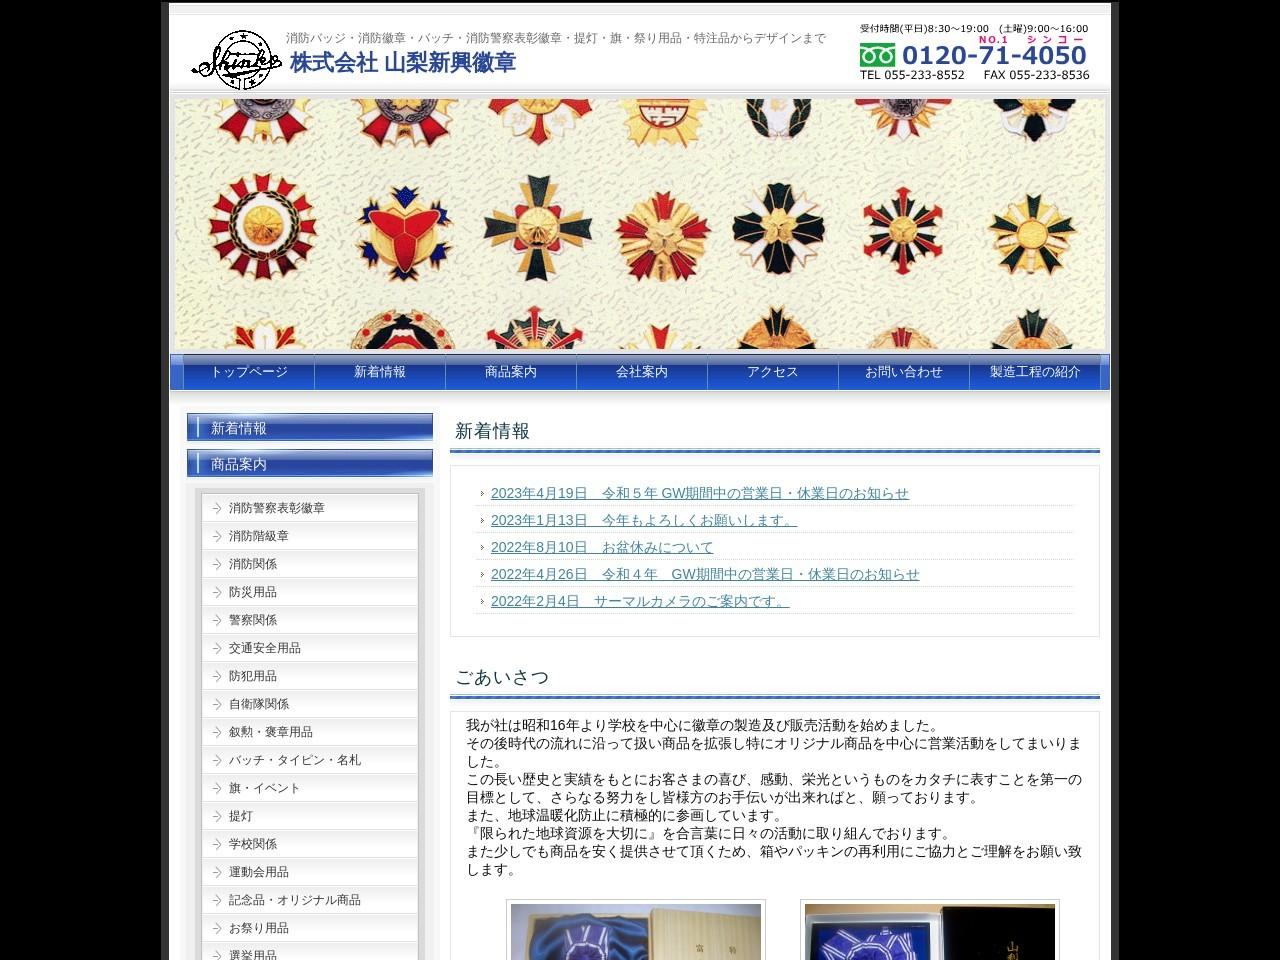 株式会社山梨新興徽章